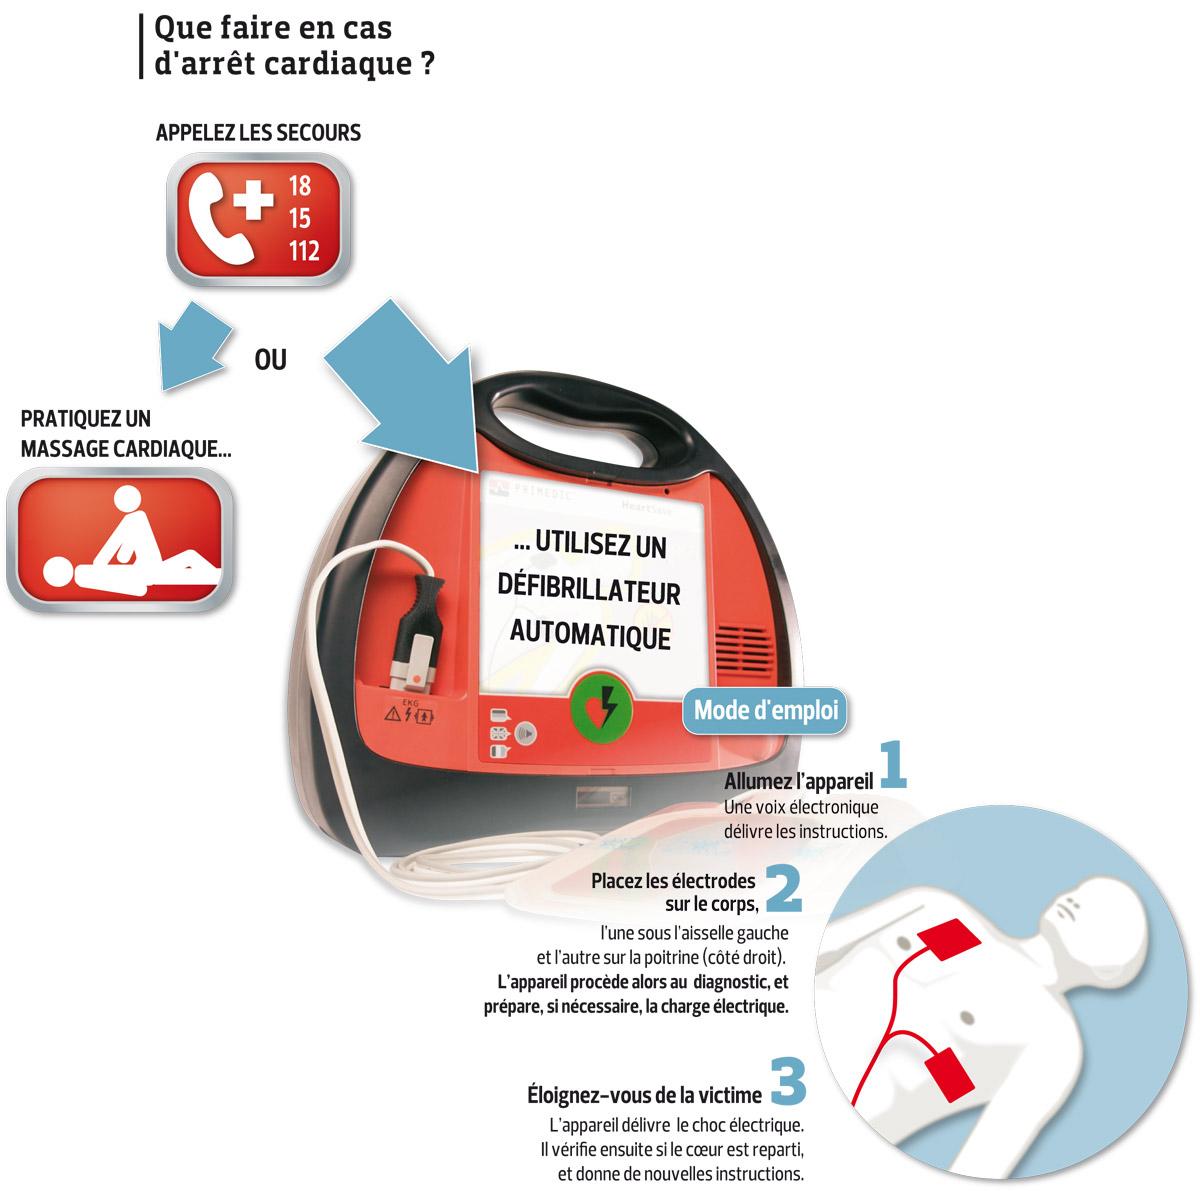 https://i2.wp.com/www.lefigaro.fr/assets/images/defibrillateur.jpg